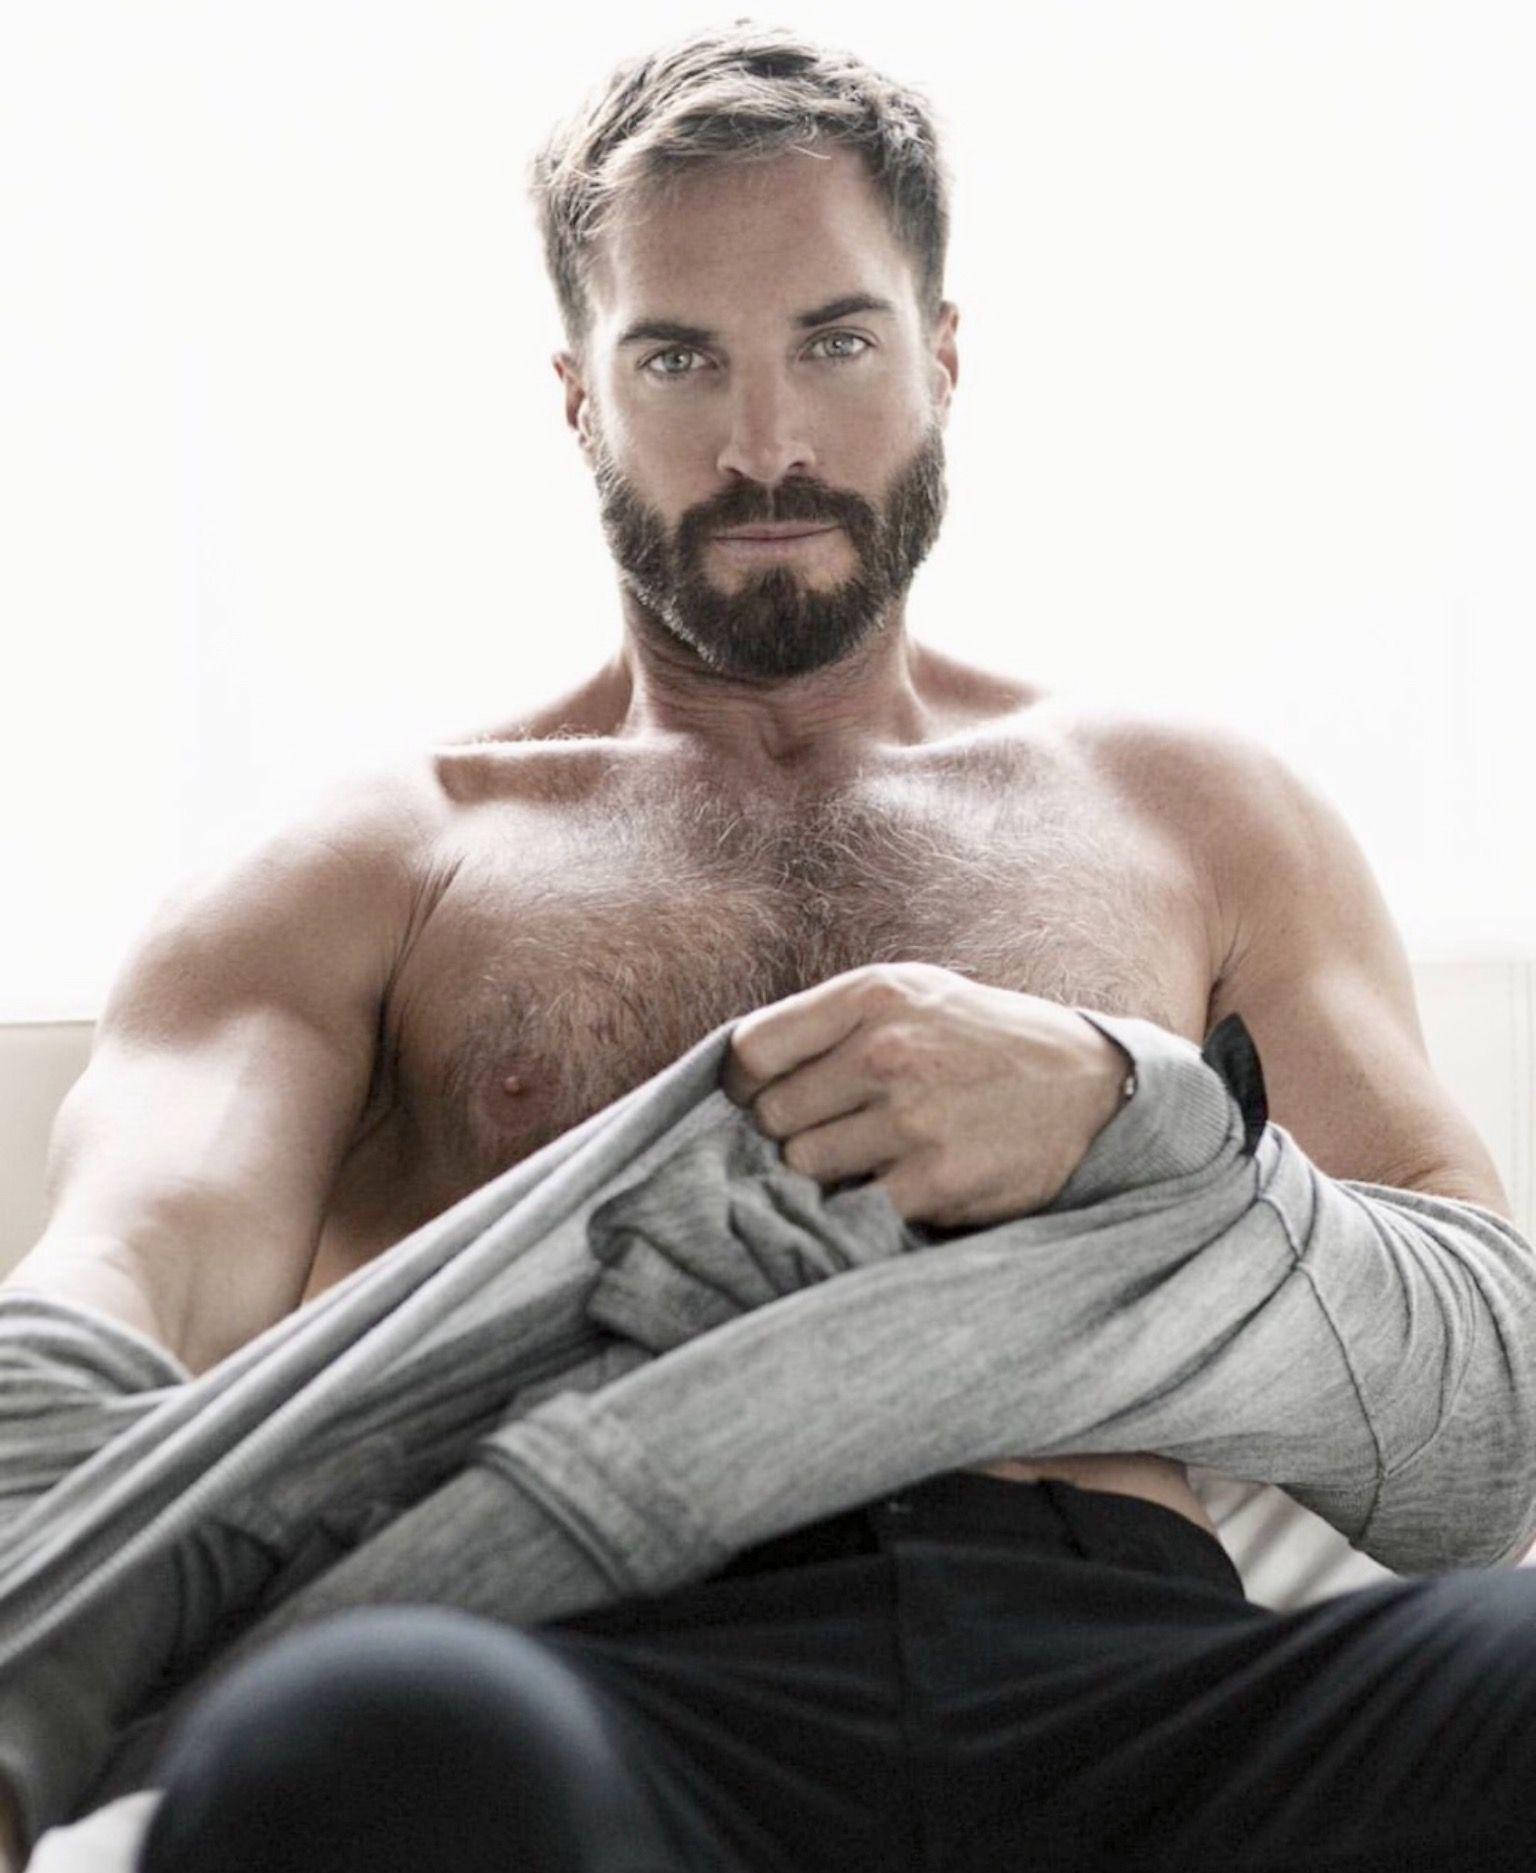 pinrob k's favorite pics on alluring men | pinterest | hairy men